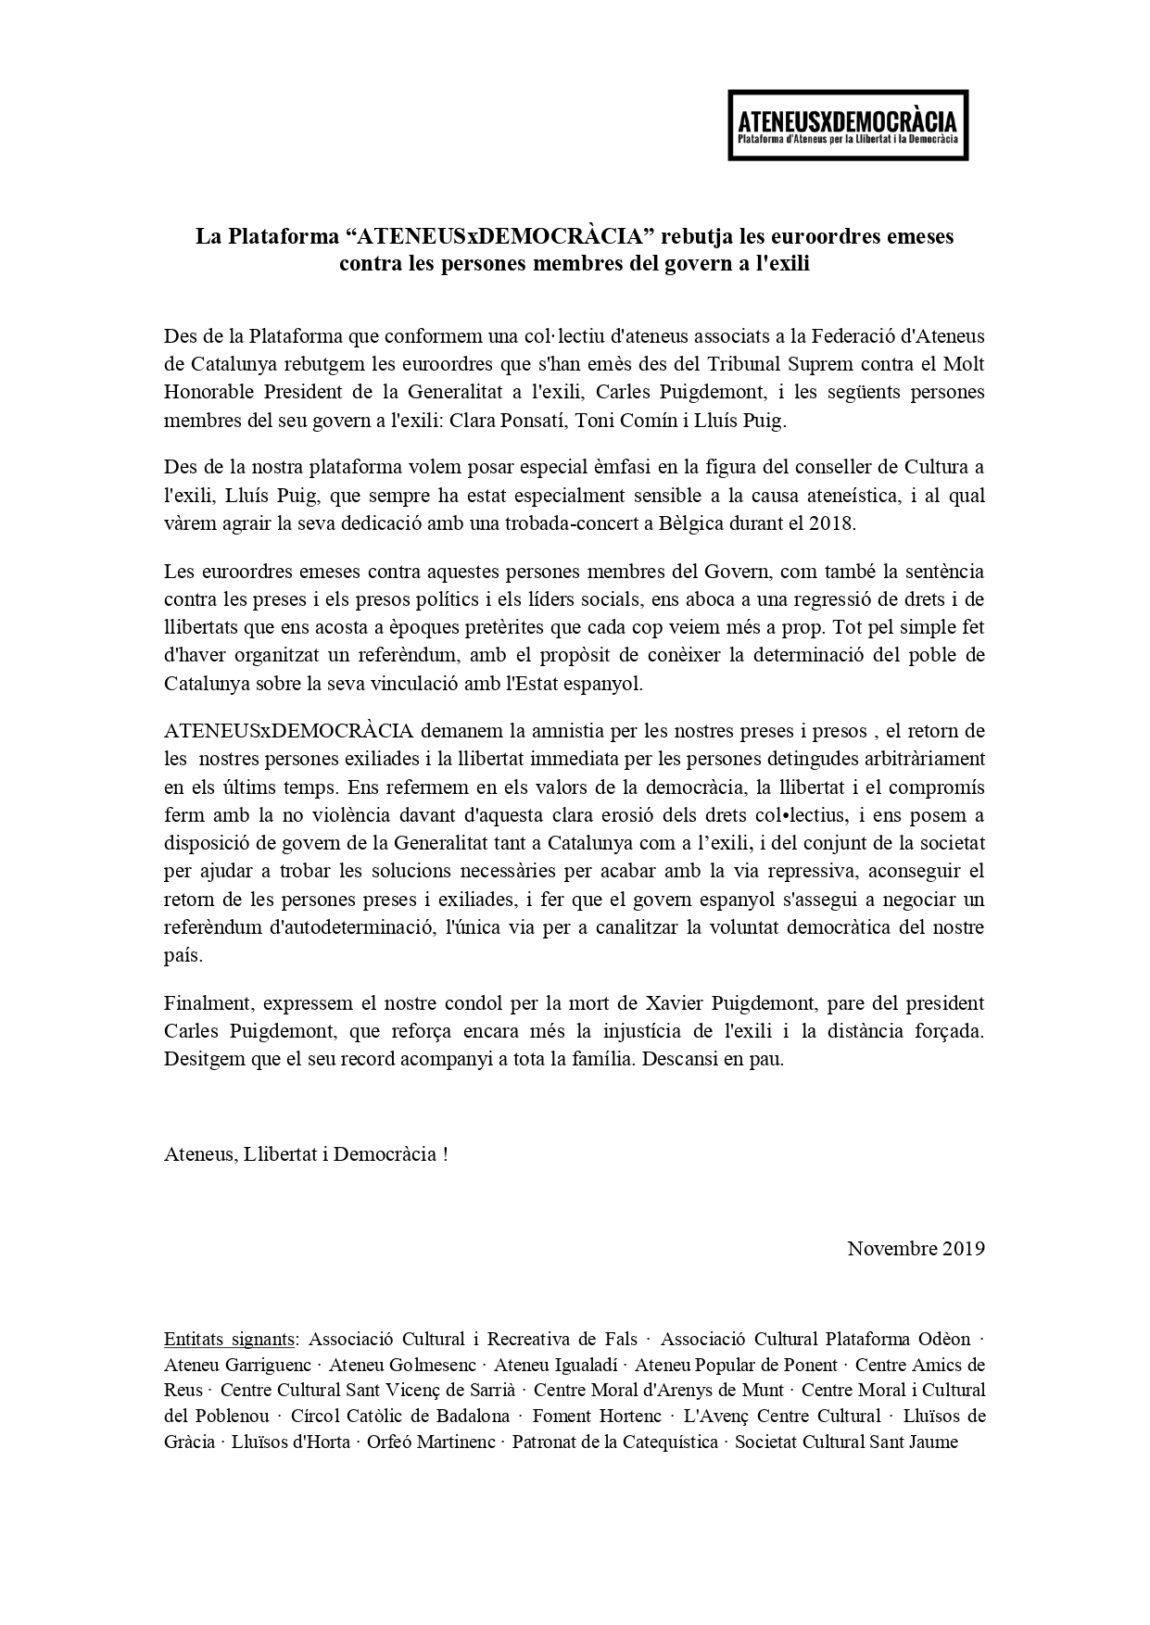 """La Plataforma """"ATENEUSxDEMOCRÀCIA"""" rebutja les euroordres emeses contra els membres del govern a l'exili"""